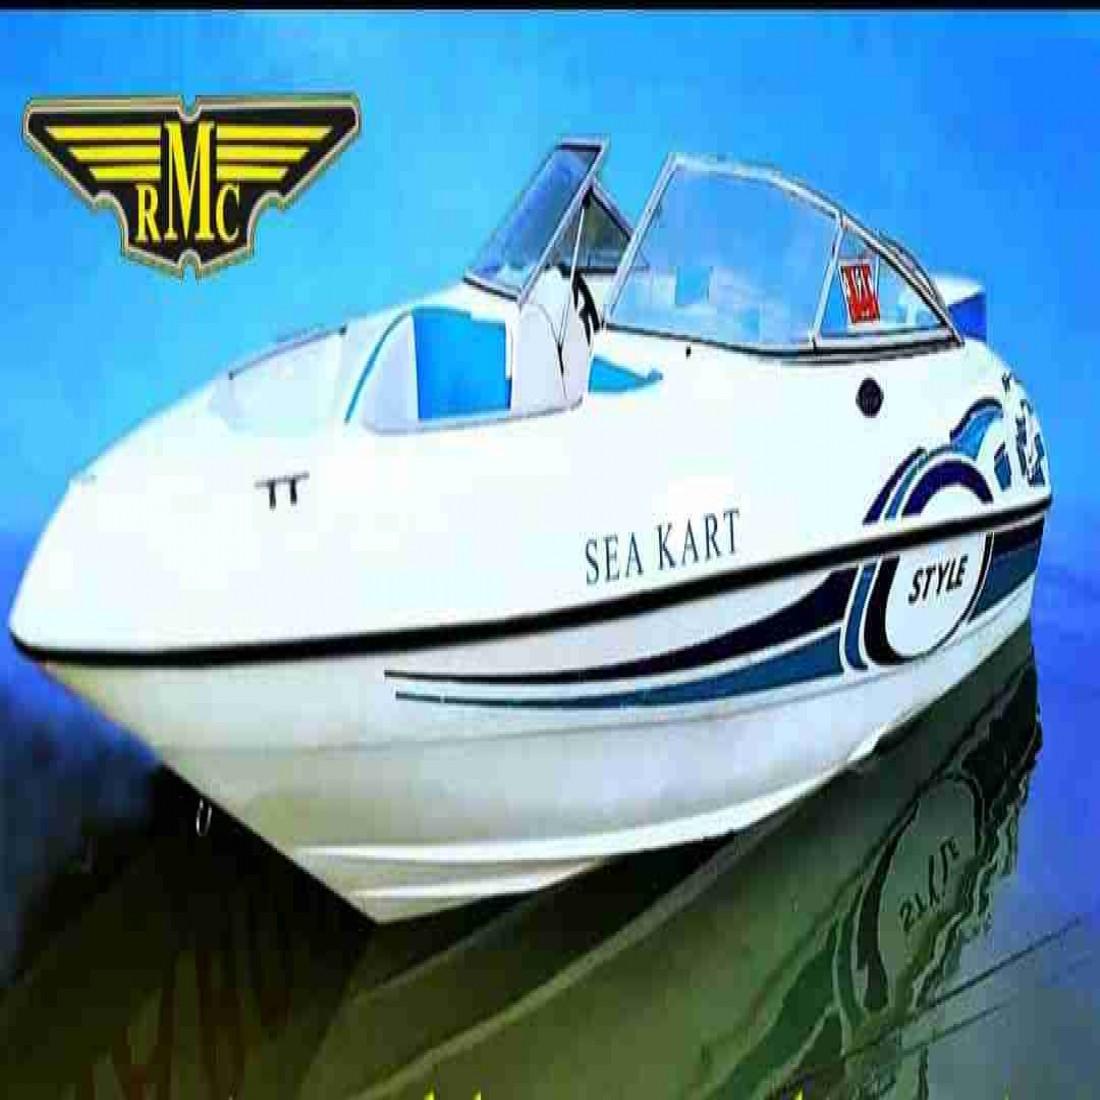 تولید و فروش قایق تفریحی